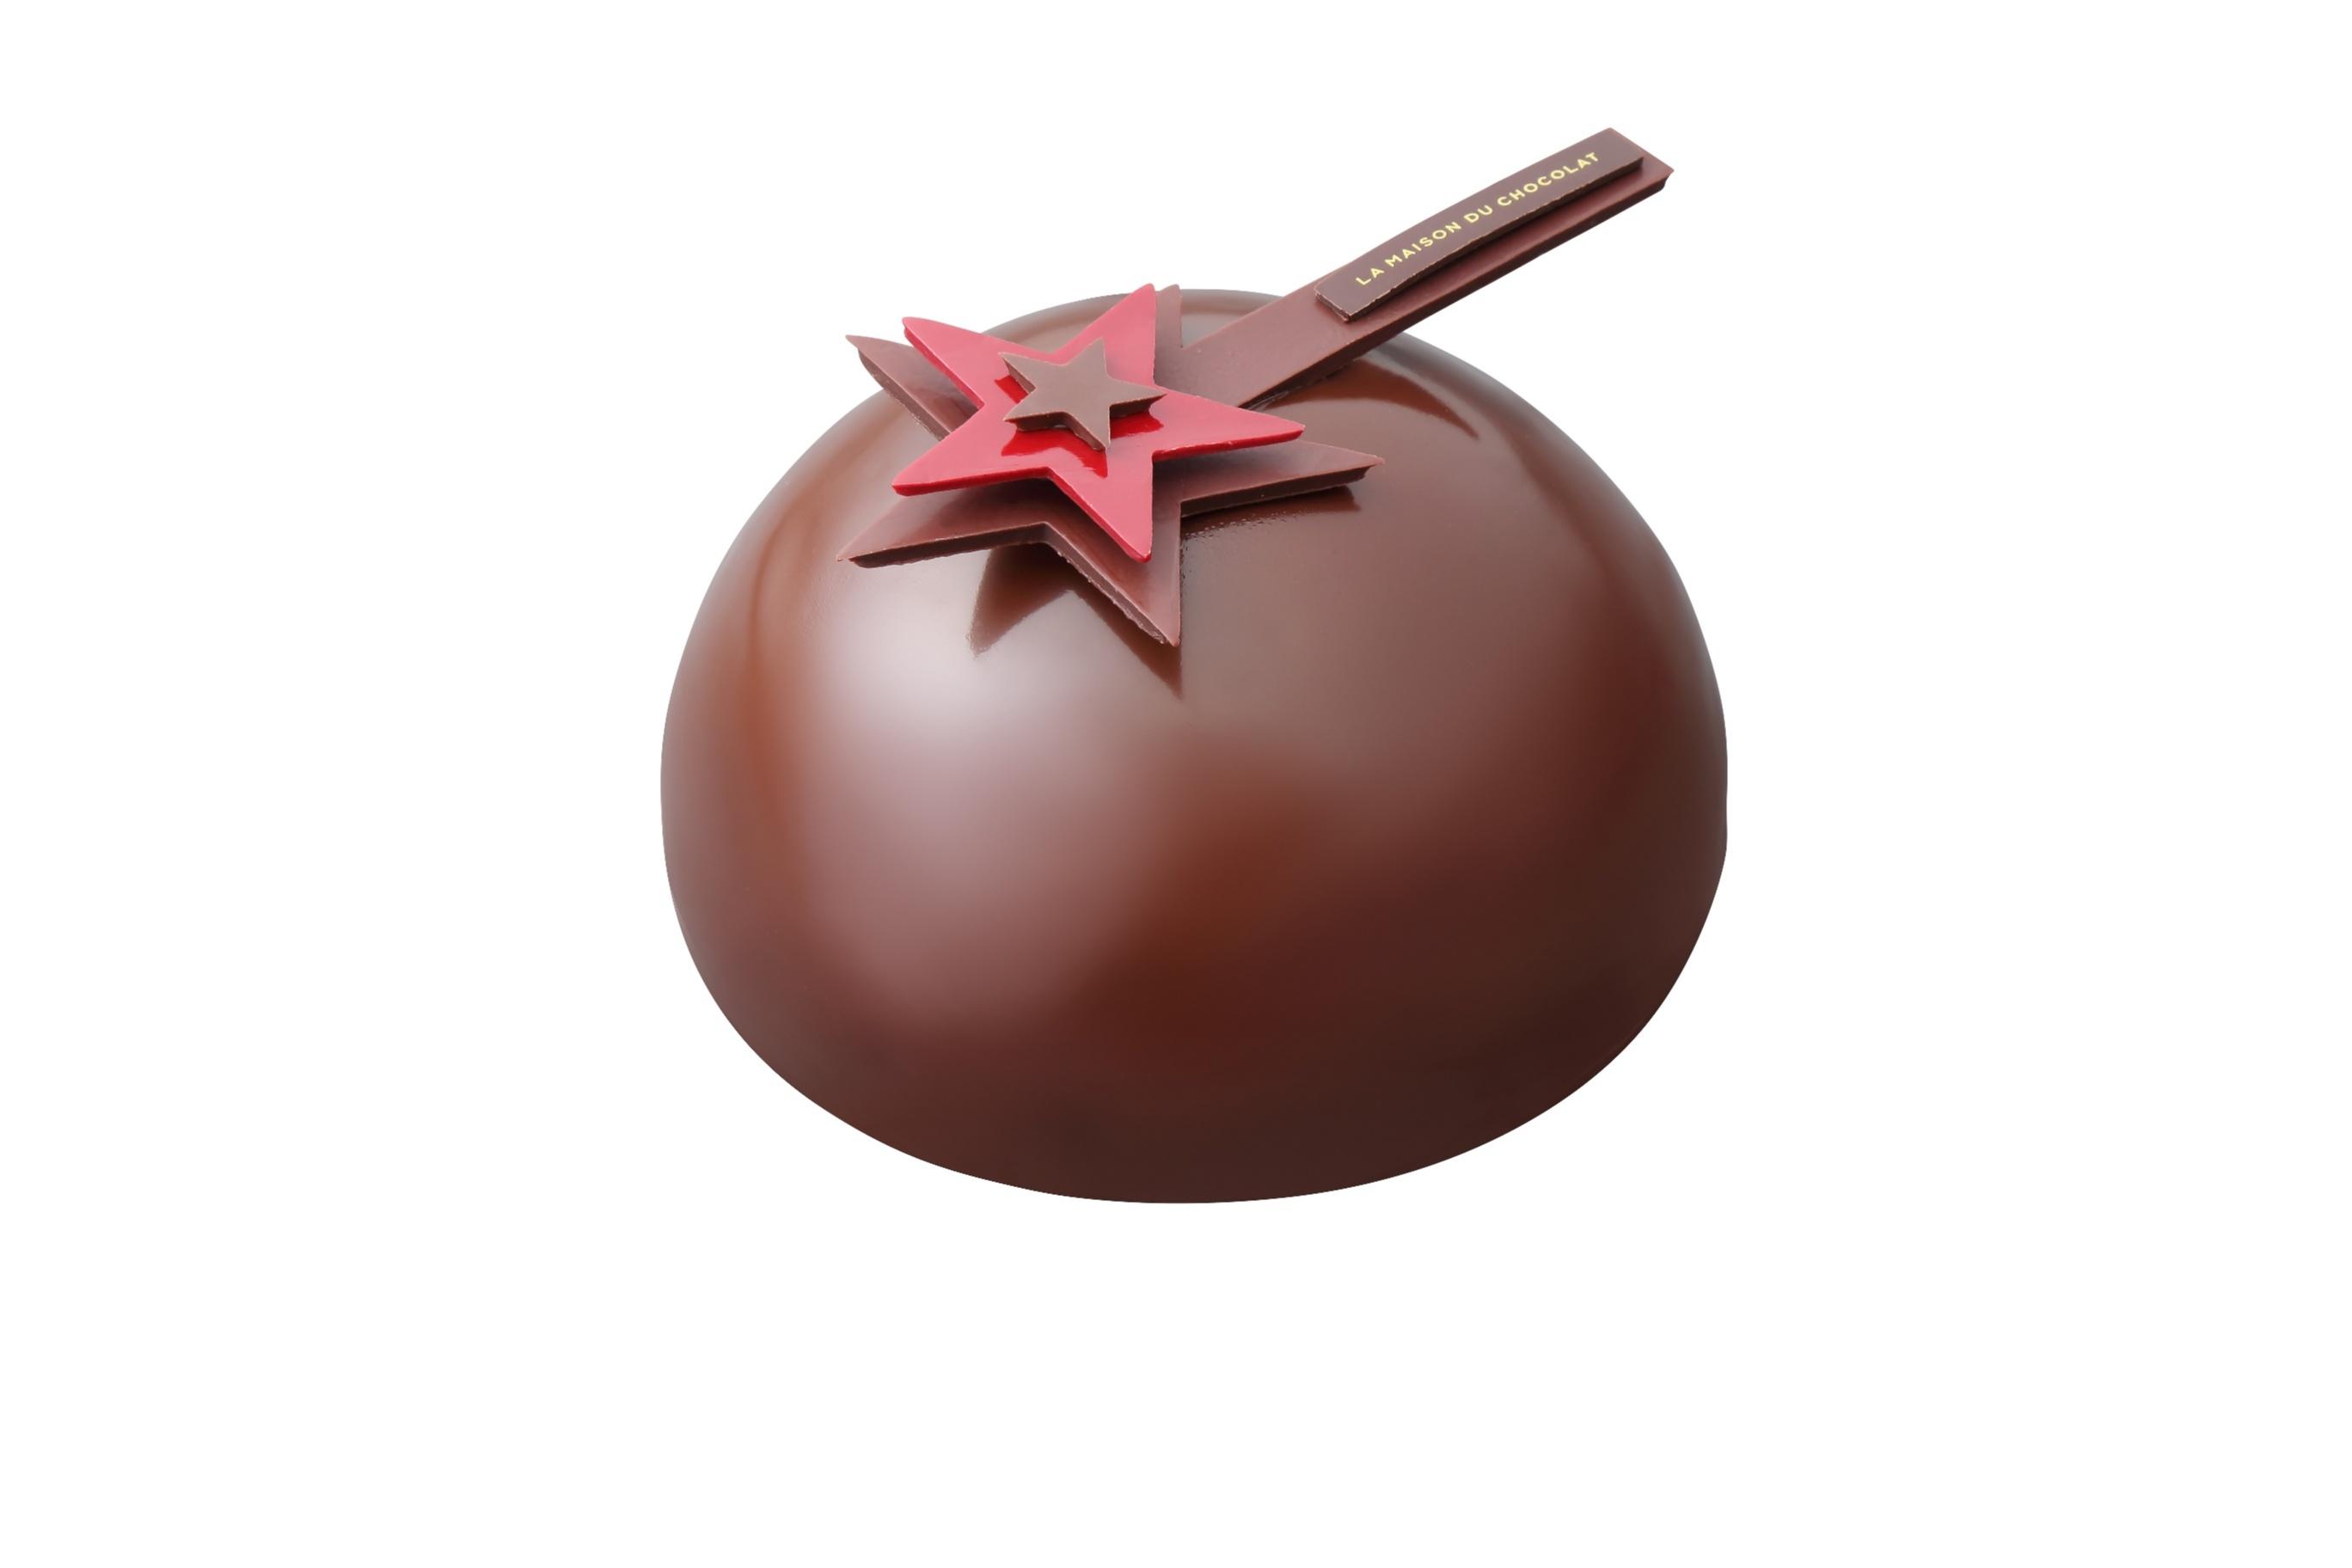 チョコレートLoverに捧ぐクリスマス♡ 『ラ・メゾン・デュ・ショコラ』のおしゃれすぎるケーキでスイートに!_1_3